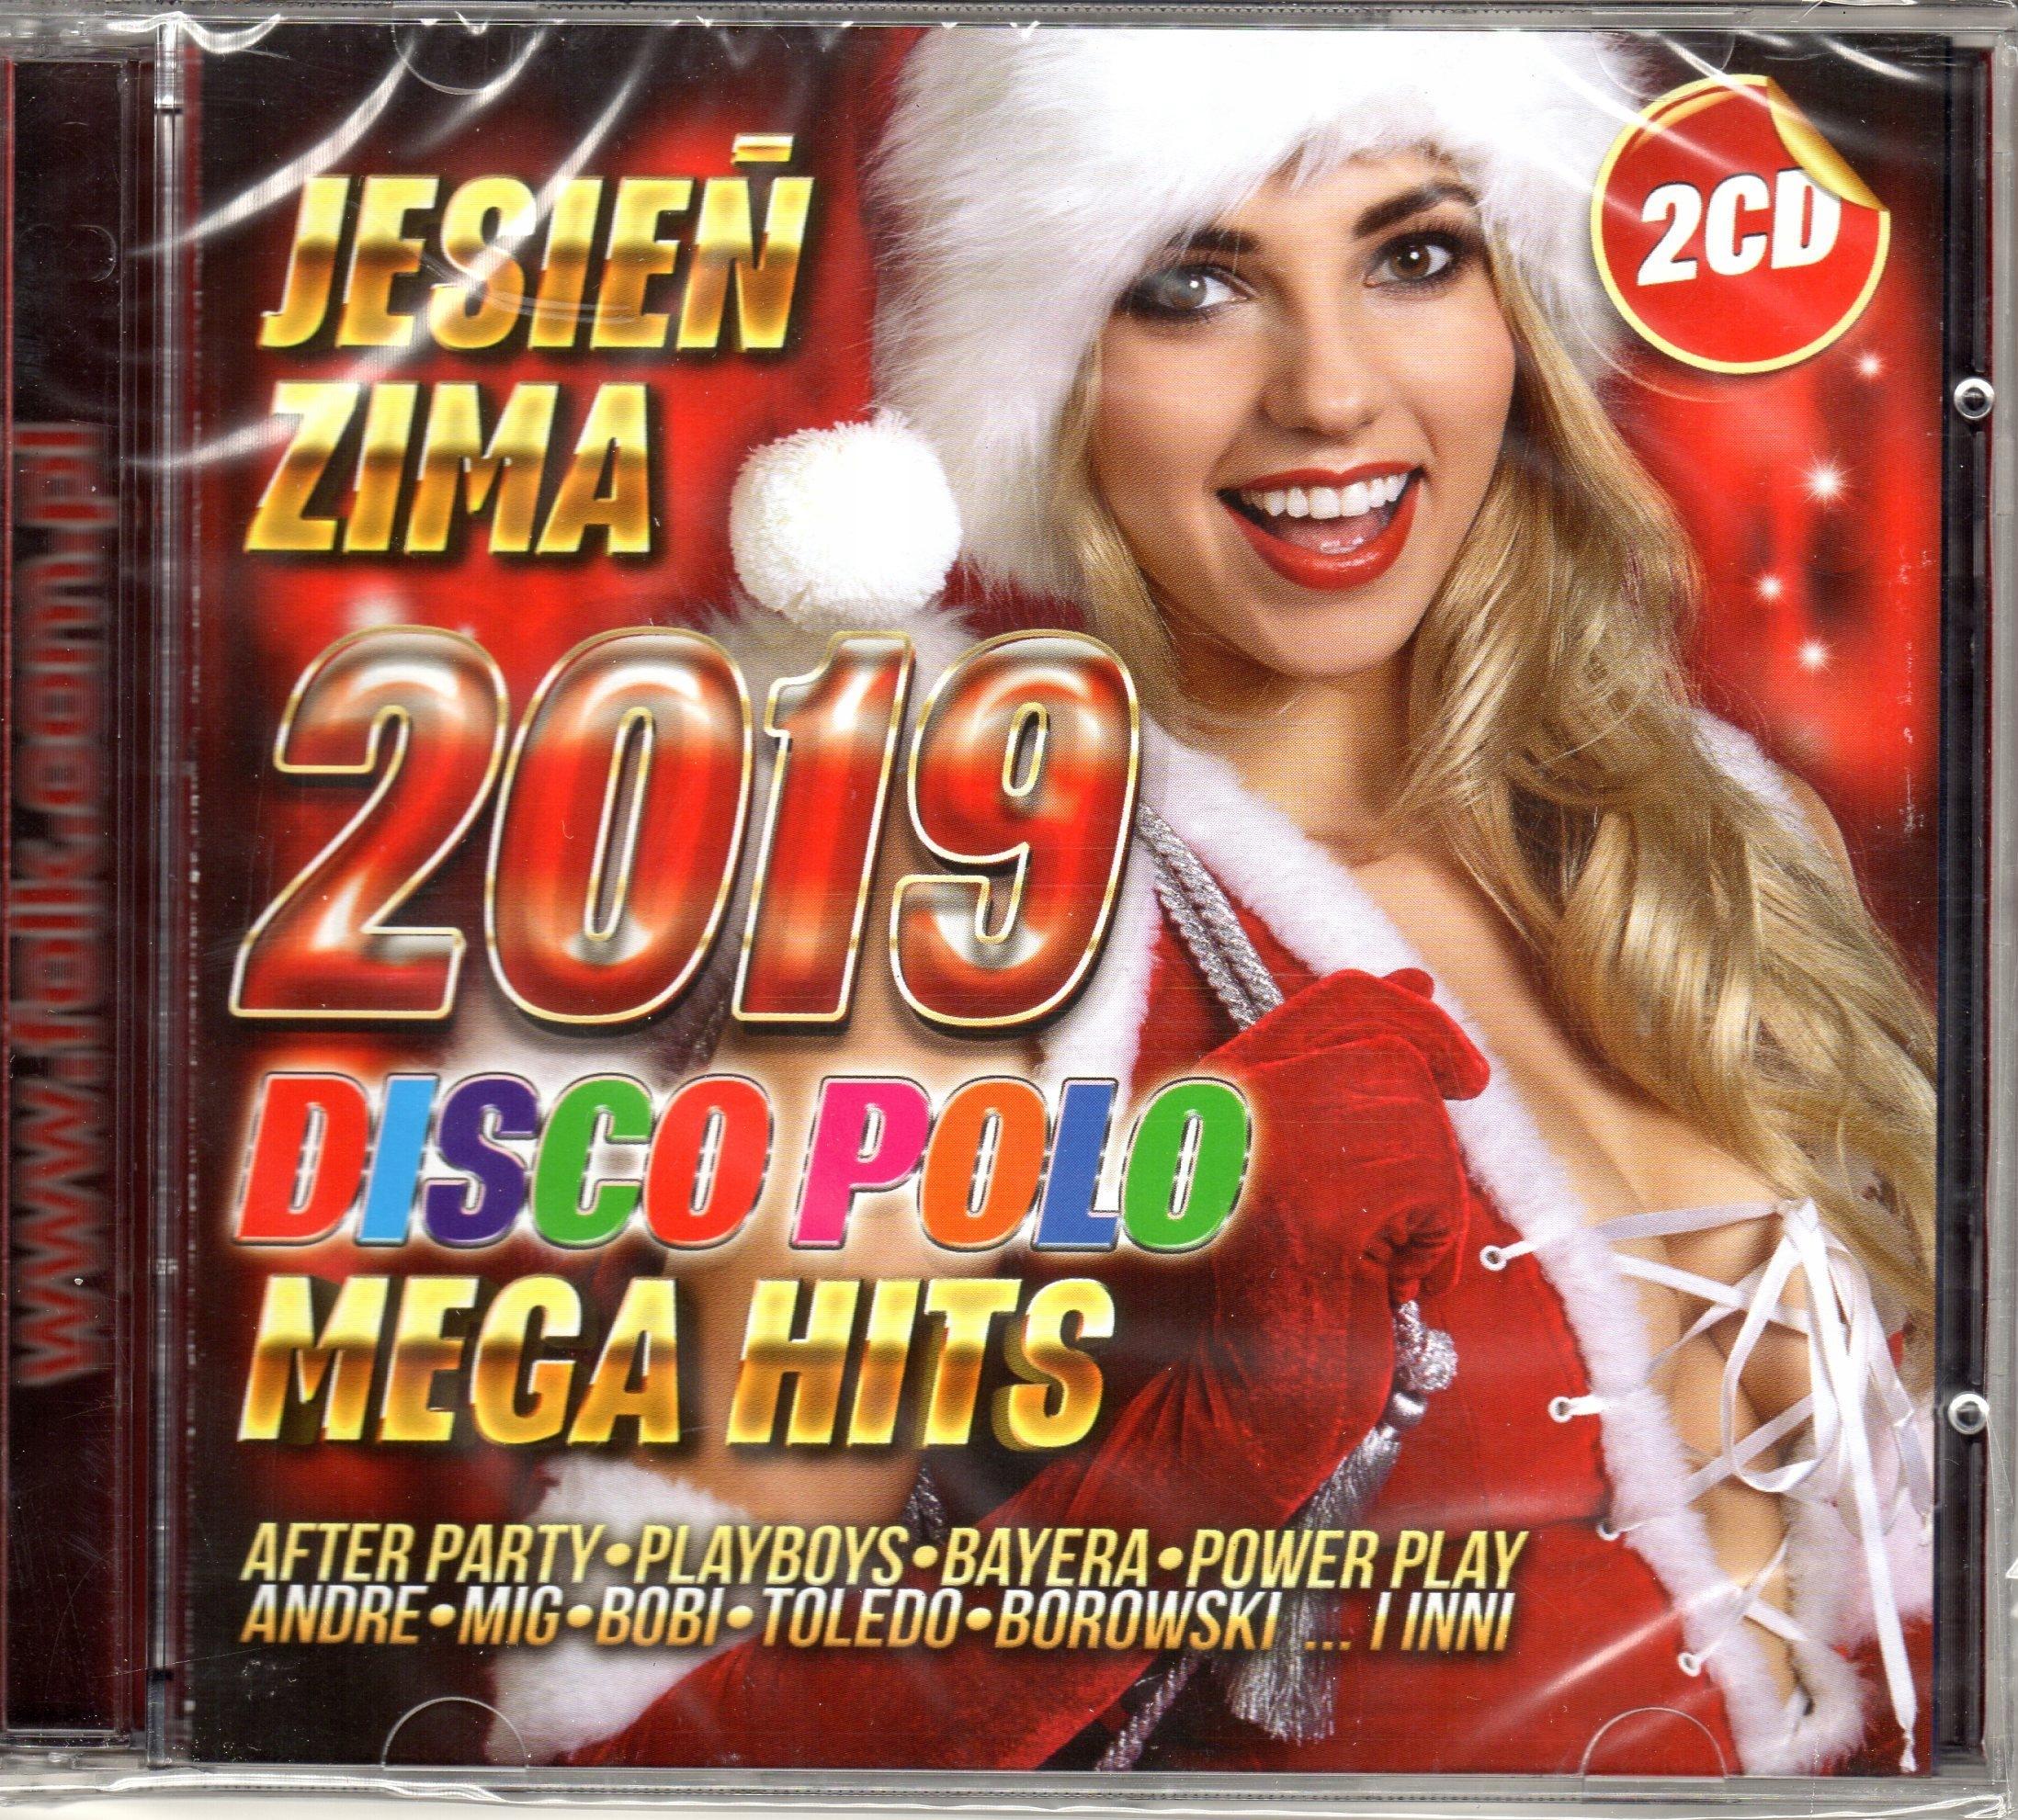 DISCO POLO MEGA HITS 2019 2CD